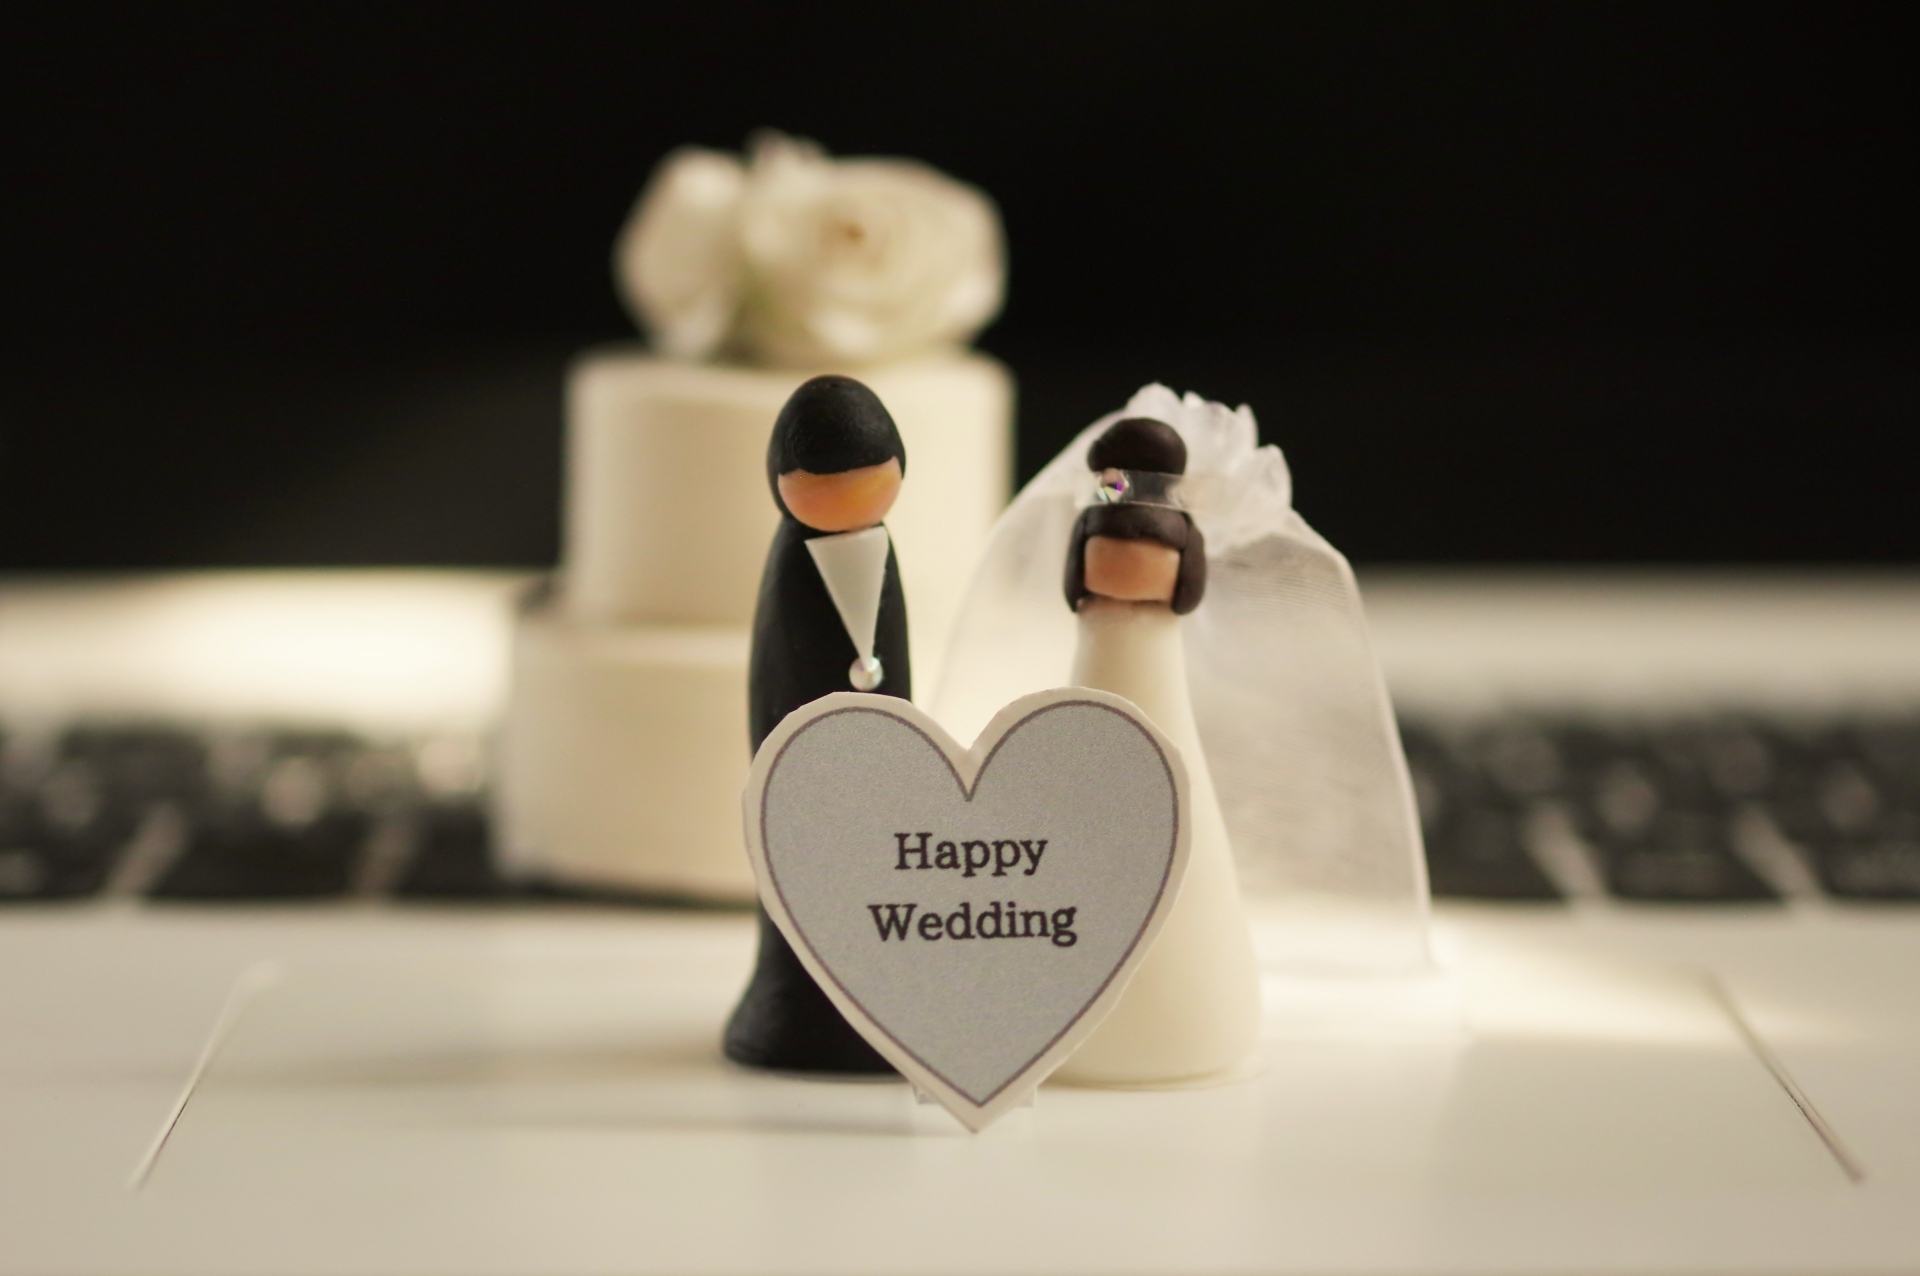 研修医のうちに結婚式を挙げるべきか?【case0004】